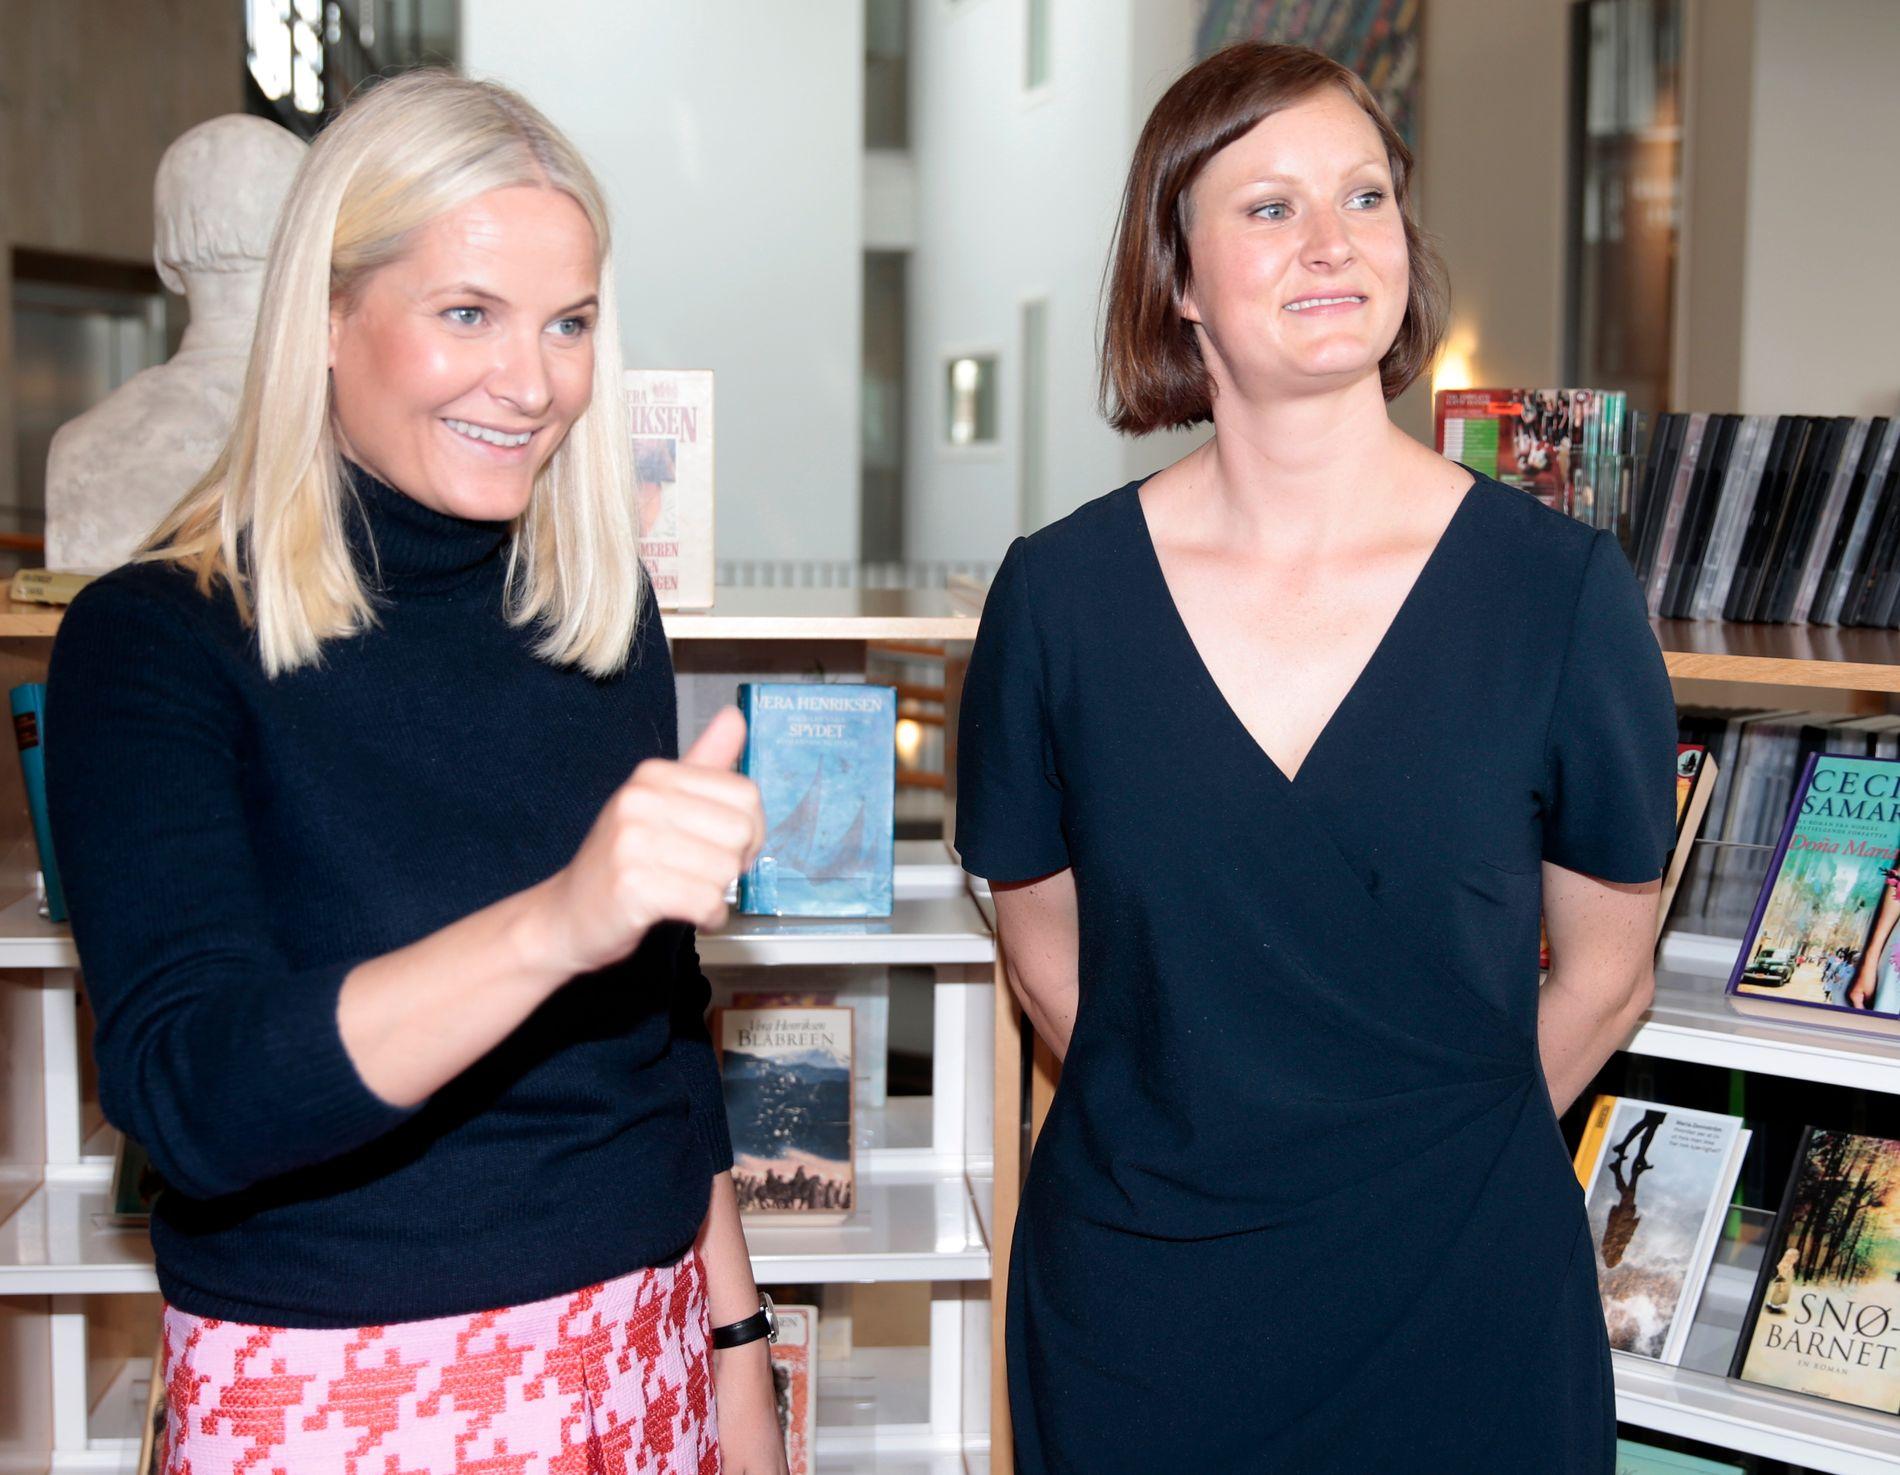 EN AV TOLV FORFATTERE: Agne Ravatn er blant forfatterne kronprinsesse Mette-Marit setter høyt og én av tolv forfattere som er med i boken «Hjemlandet og andre fortellinger» som kommer til høsten. Her fra Litteraturtoget 2016.